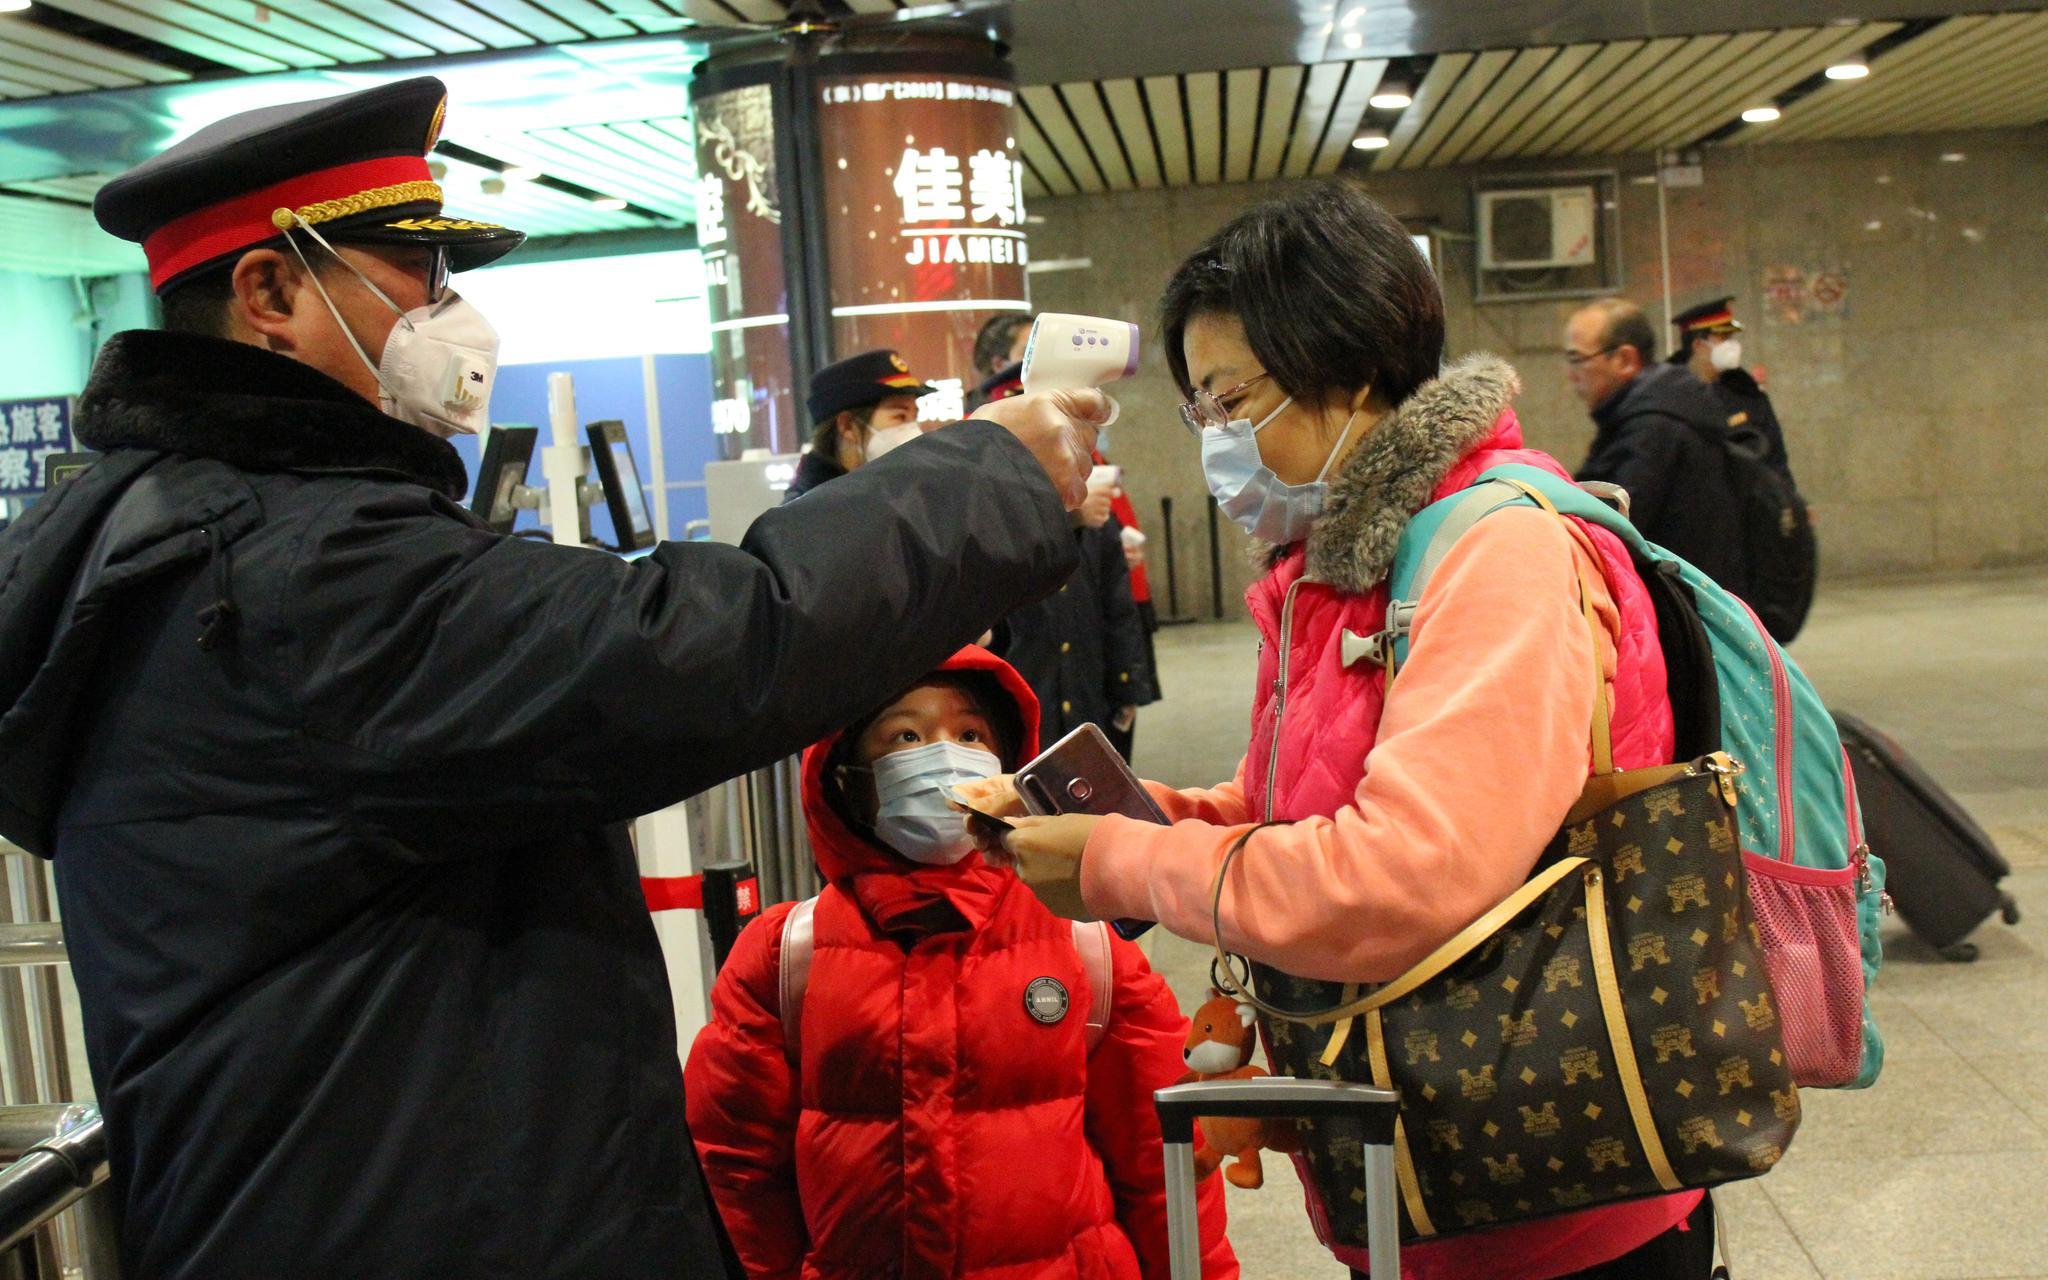 北京西站,工作人员正在用手持额温枪为旅客进行体温测试。北京西站供图